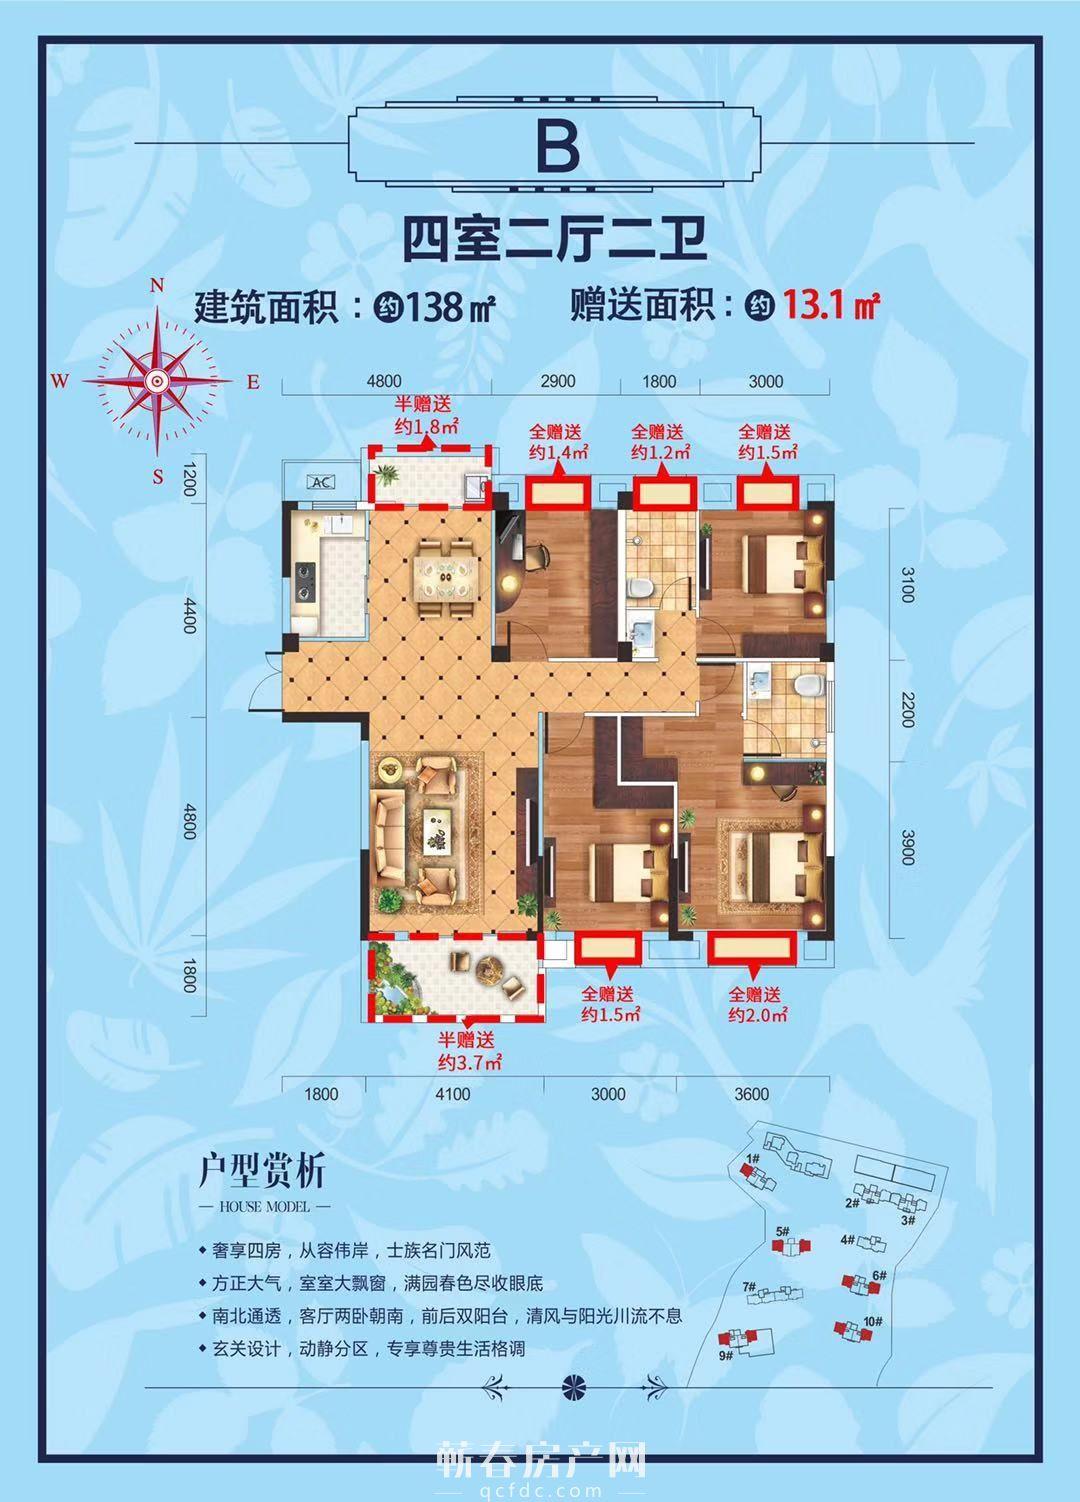 瑞锦东城-B户型户型